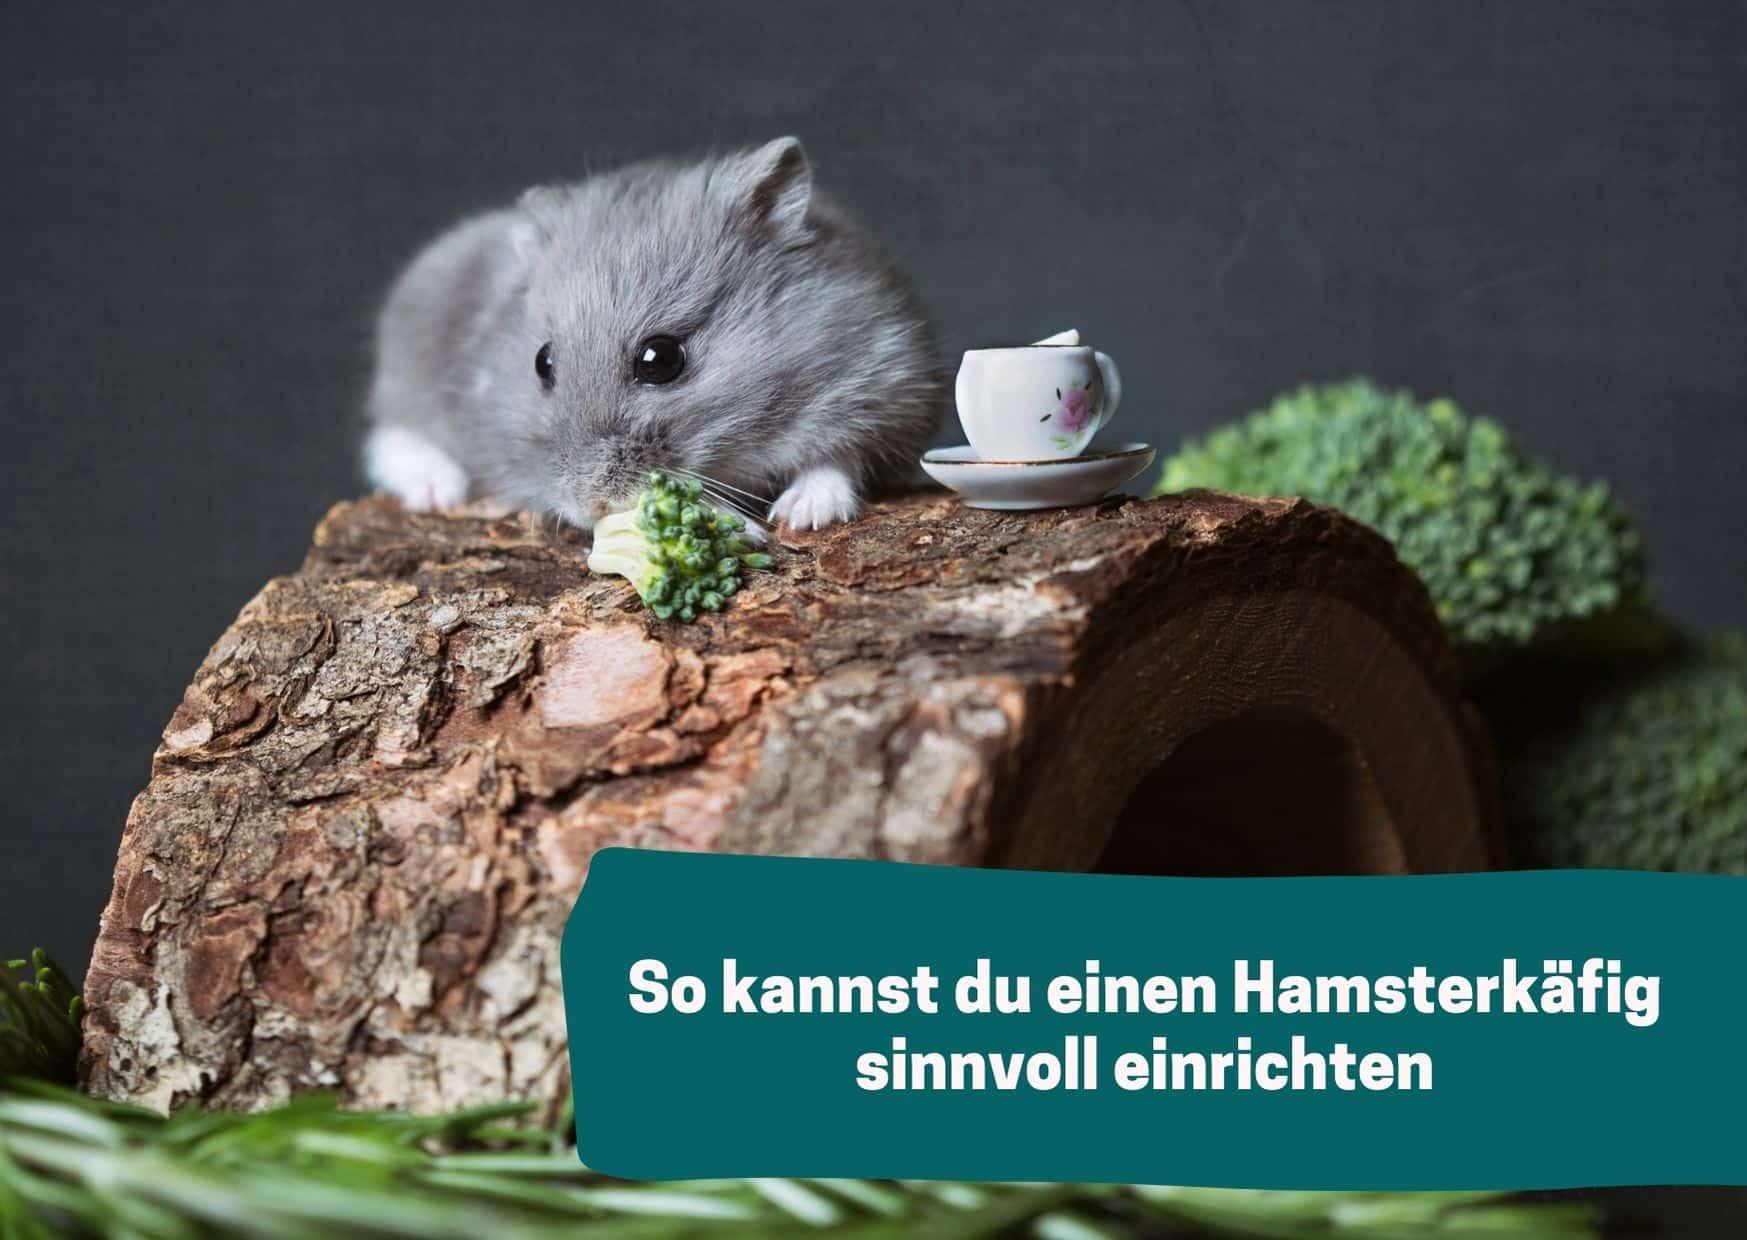 Dein Hamster sollte ich in seinem Zuhause wohlfühlen. SO kannst du einen Hamsterkäfig sinnvoll einrichten.